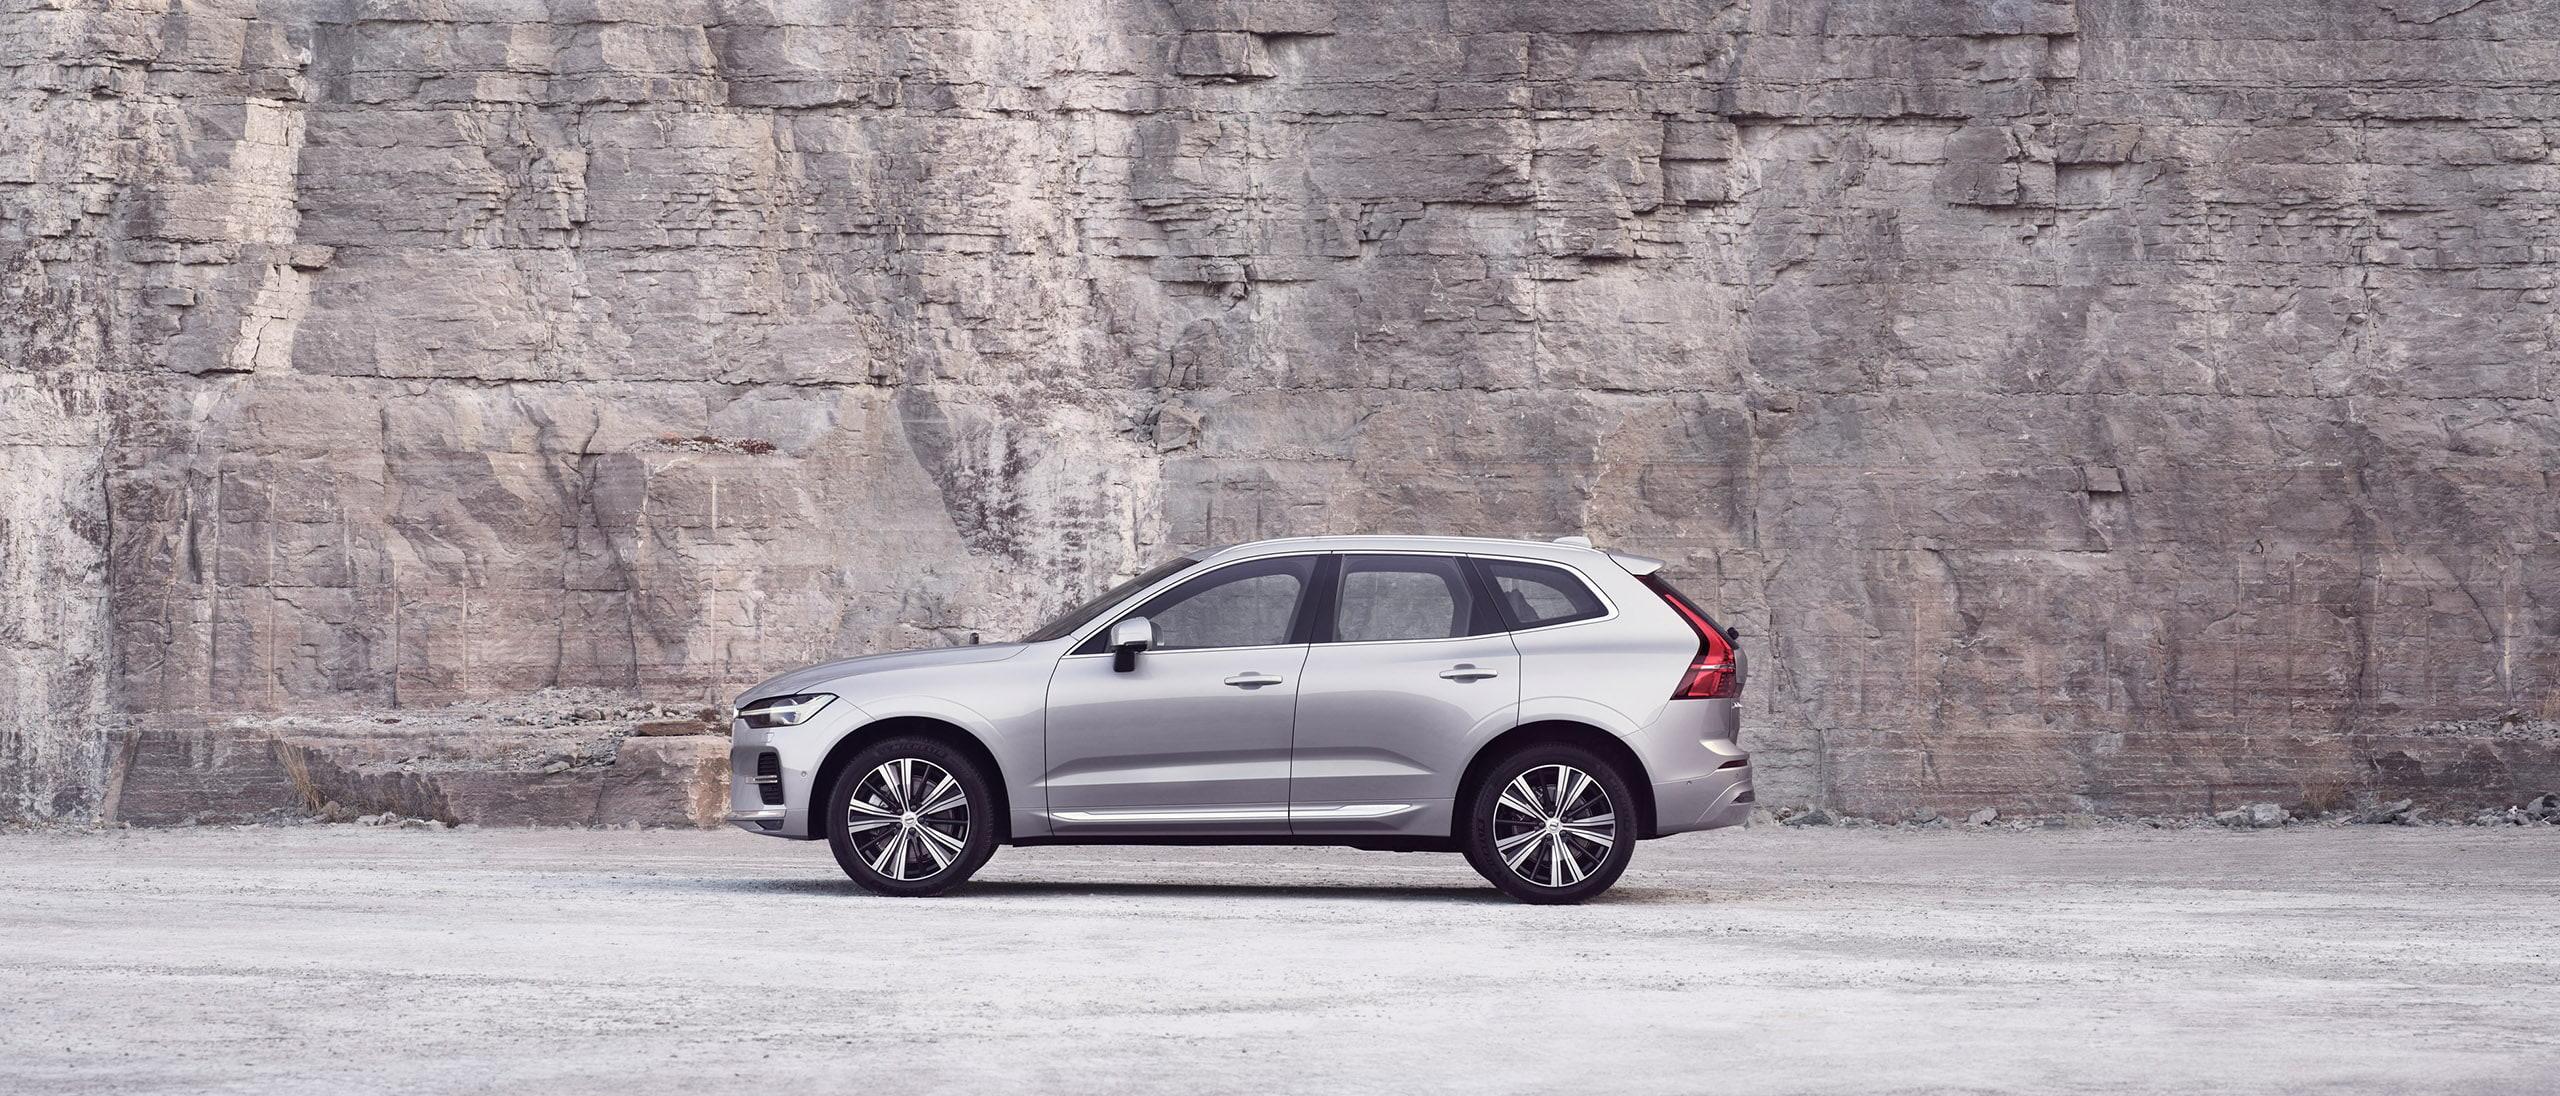 Ένα ασημί Volvo XC60, ακίνητο μπροστά από έναν πέτρινο τοίχο.